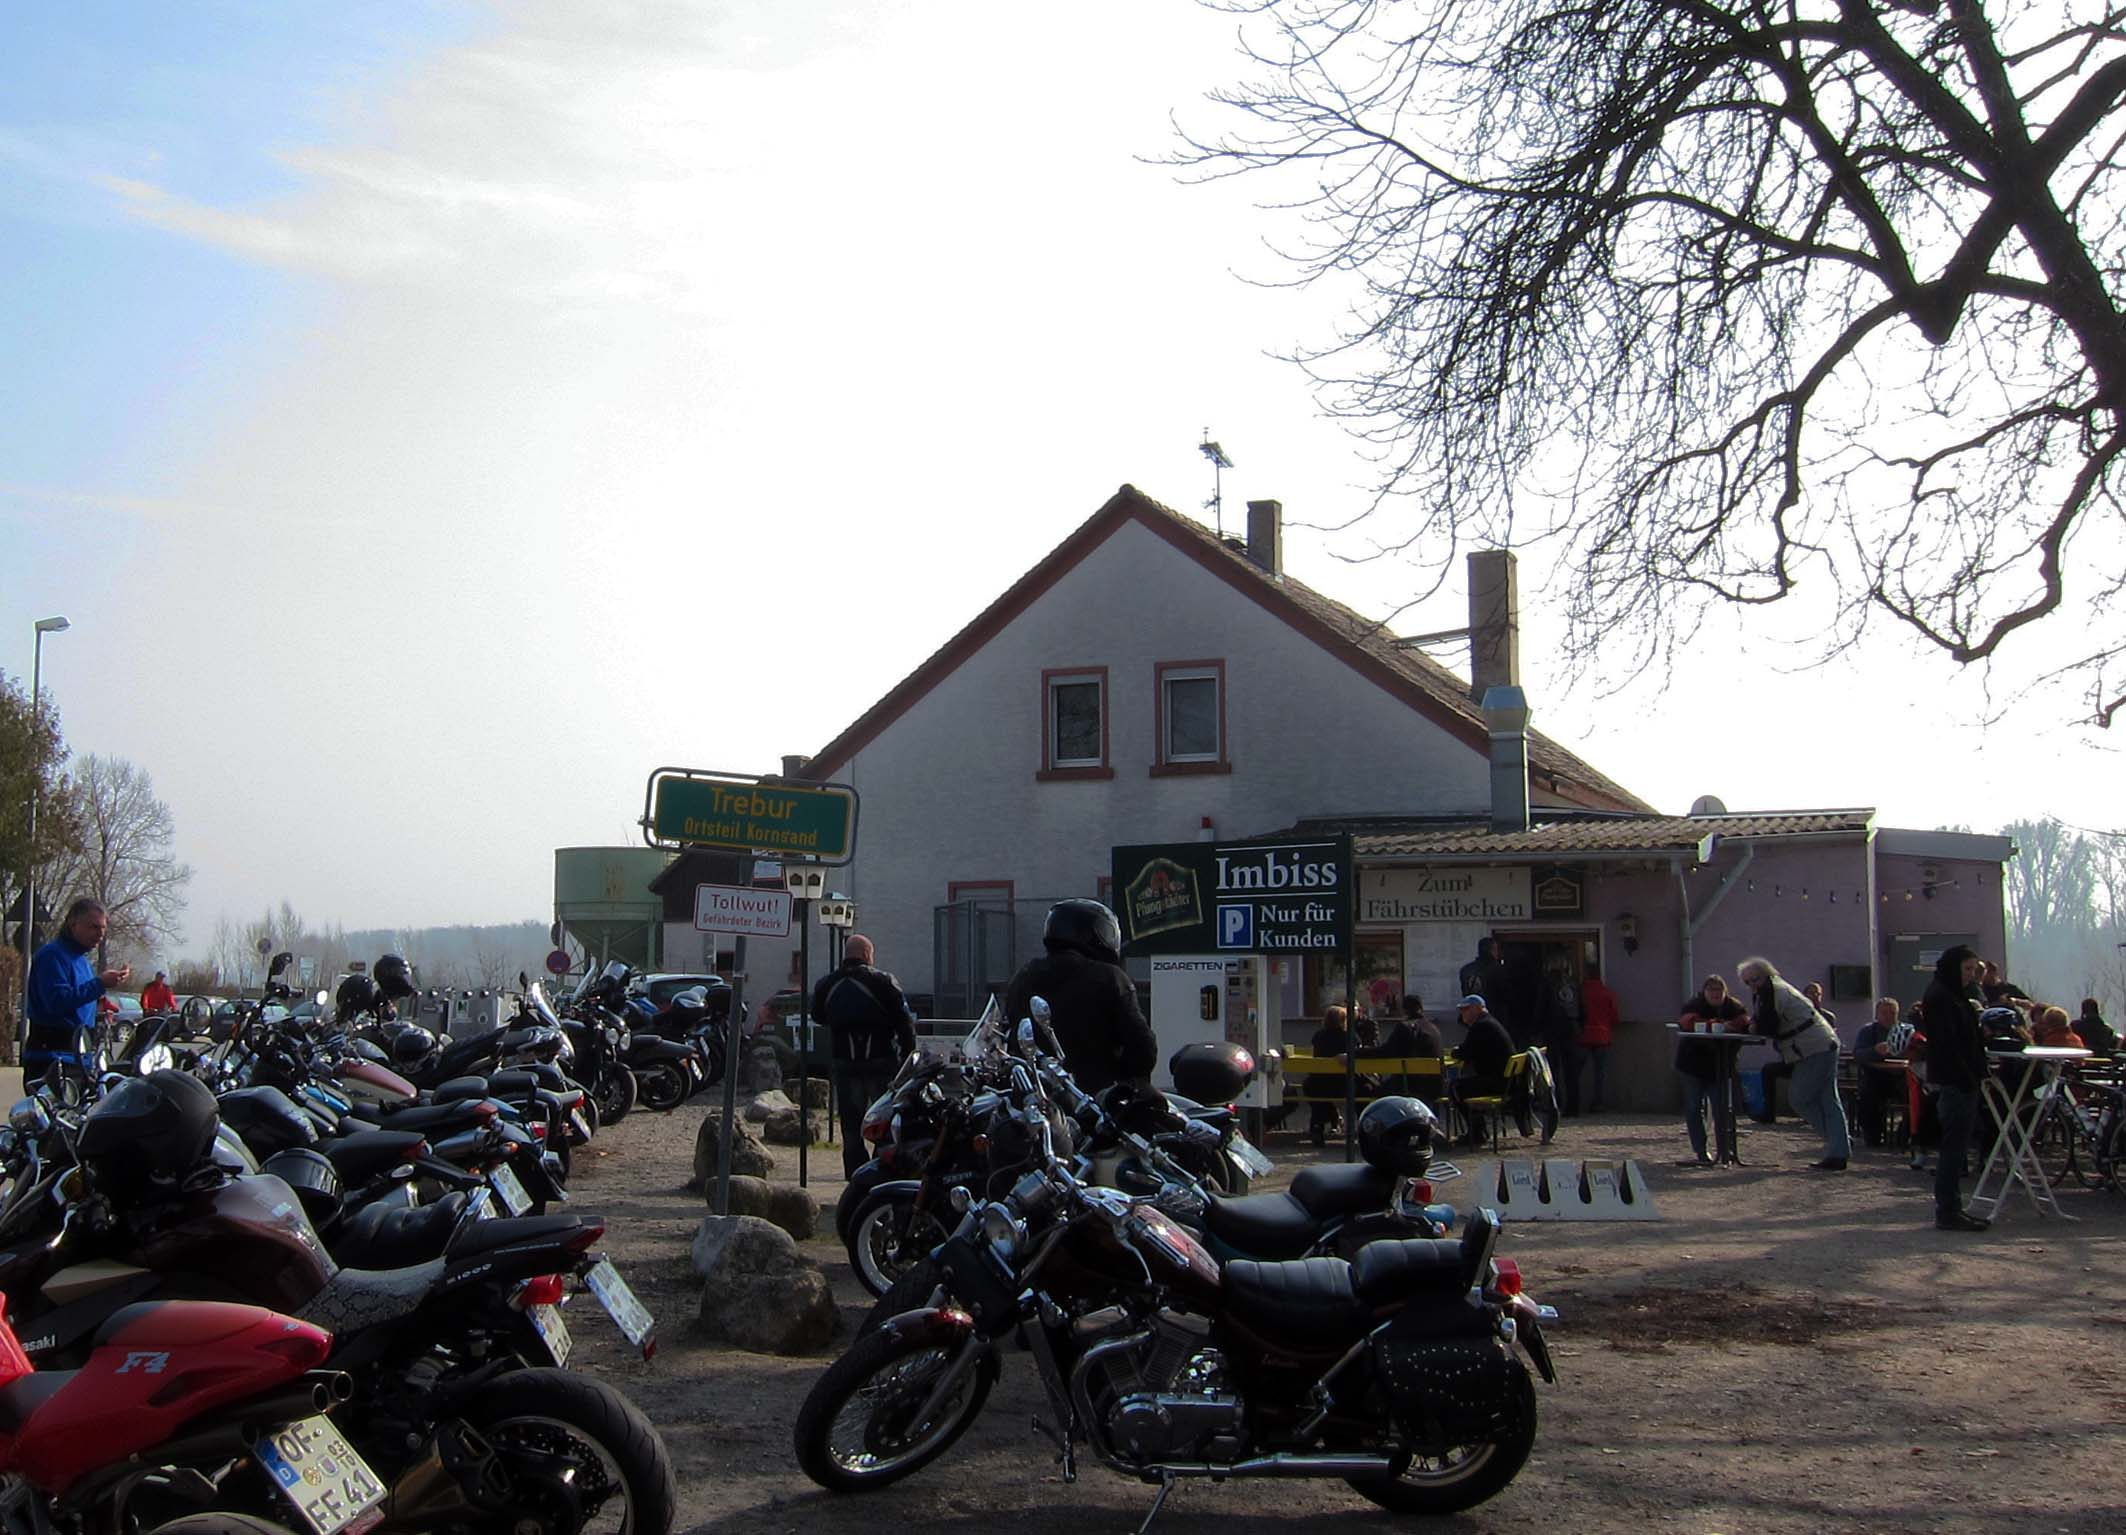 Kornsand, Motorradtreff in Hessen